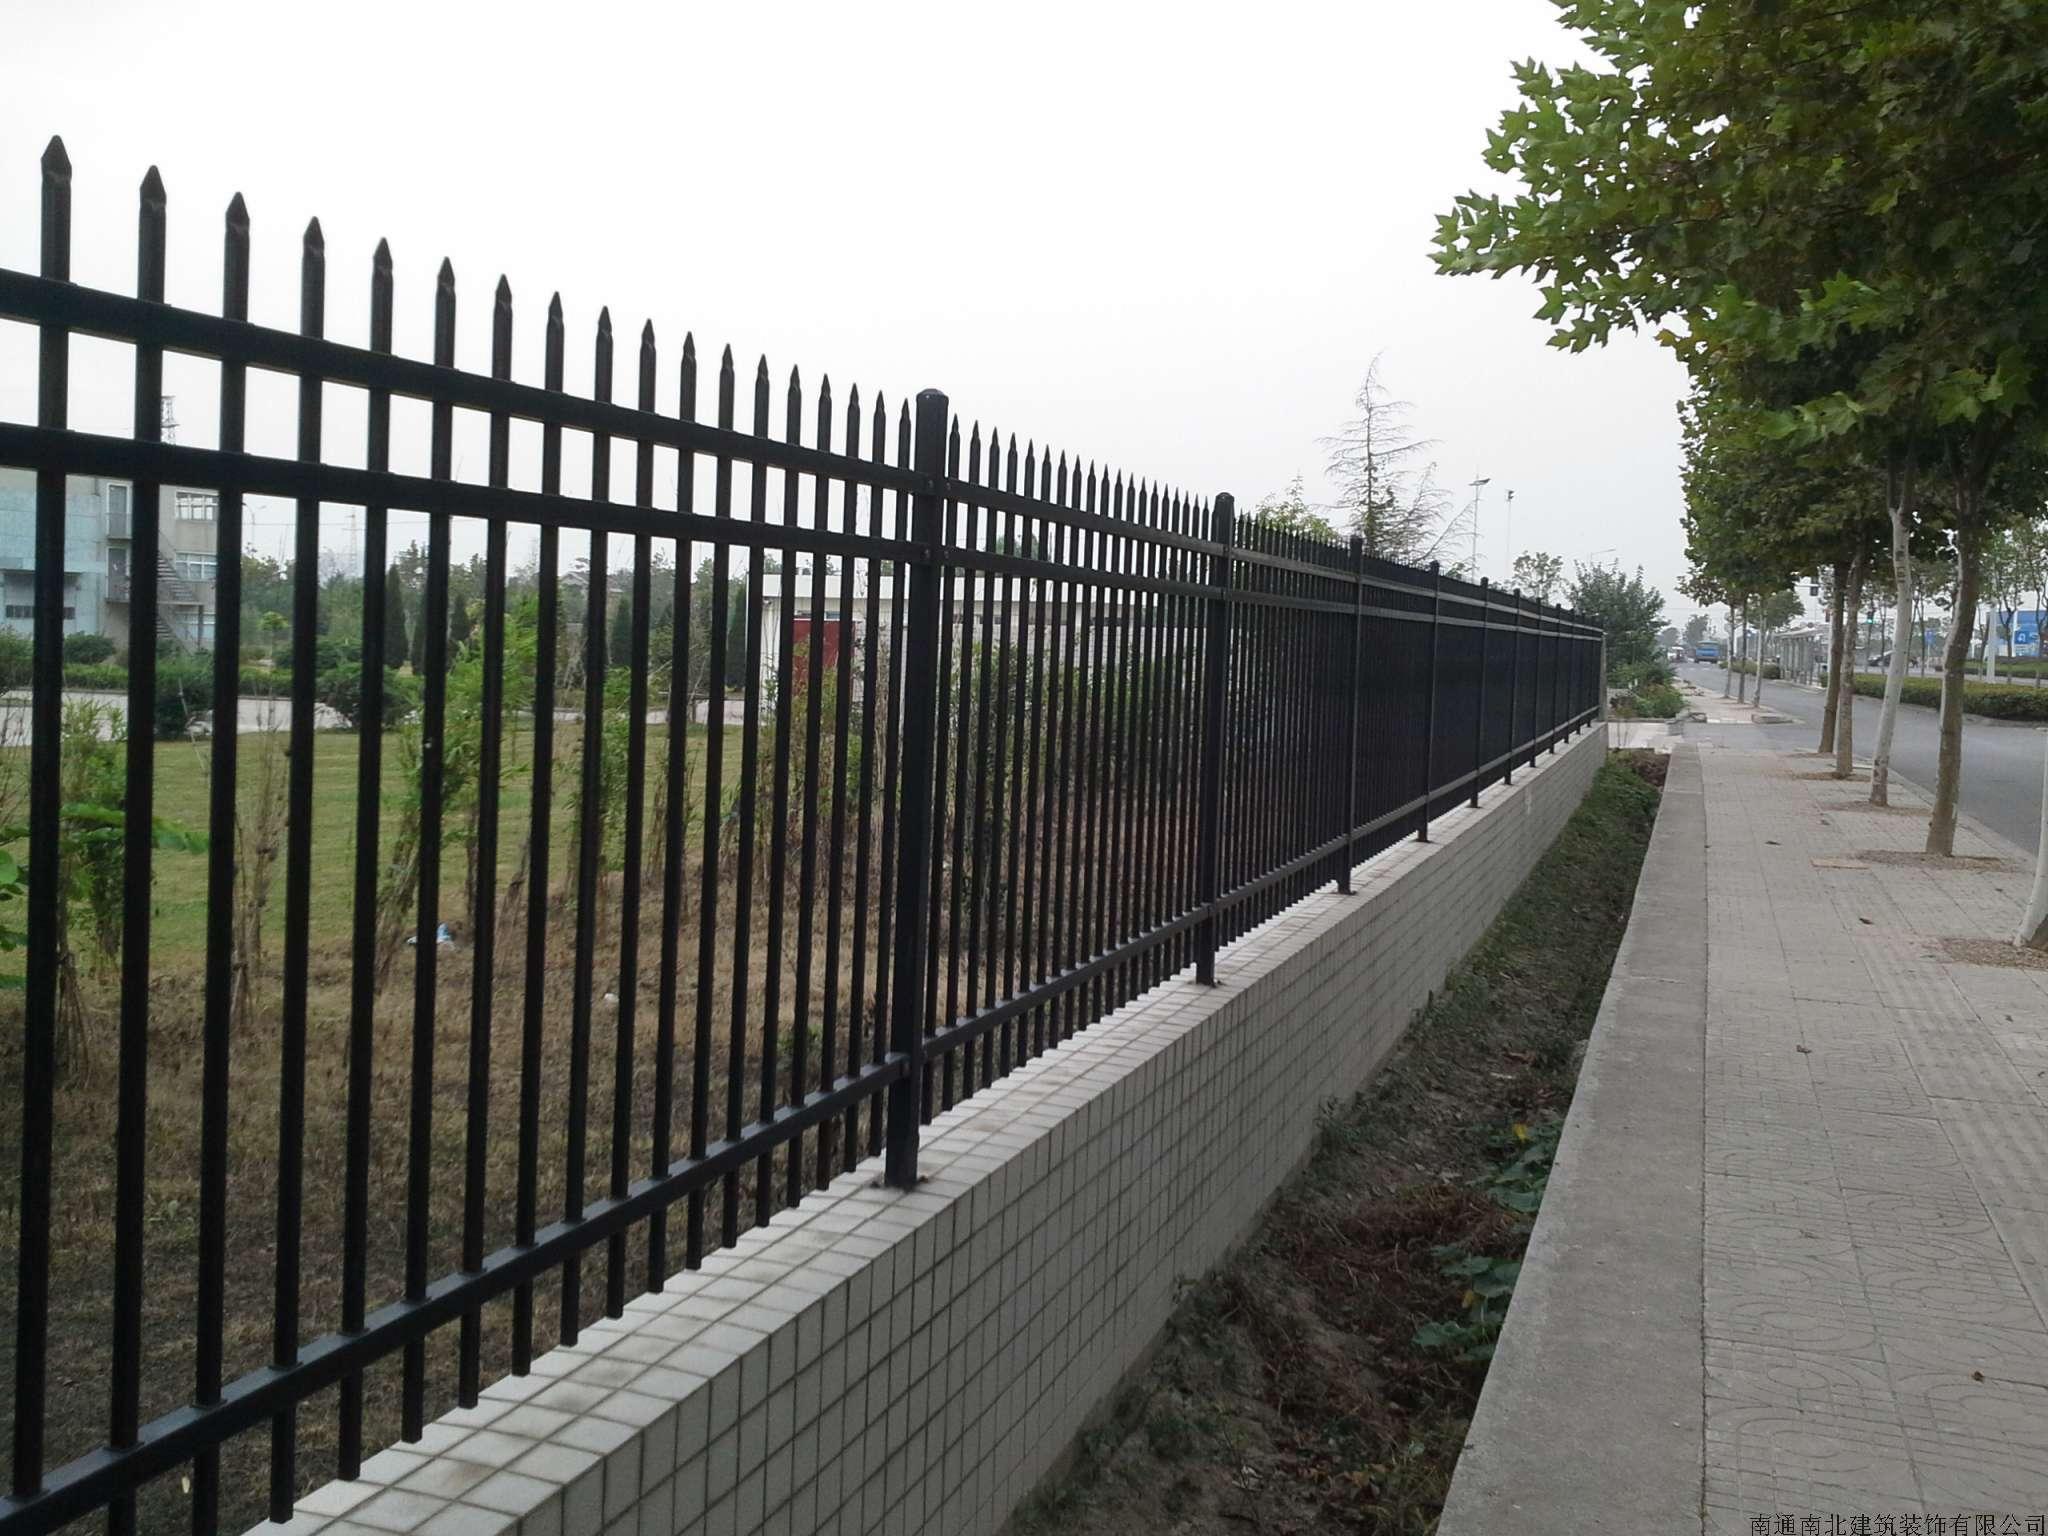 甘肃铁艺护栏-甘肃铁艺护栏厂家、品牌、图片、热帖-阿里巴巴